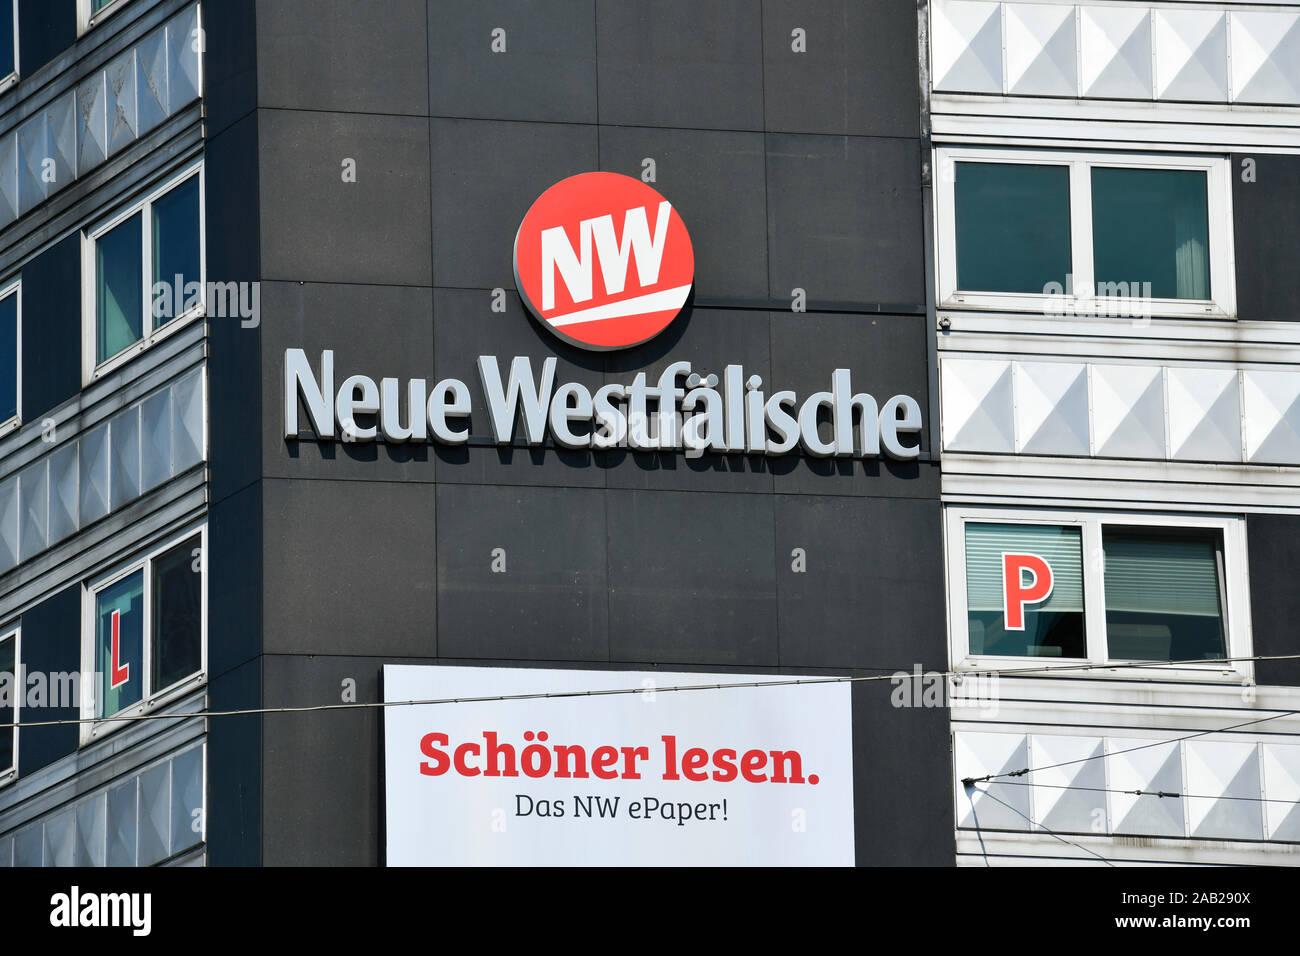 Werbung Tageszeitung Neue Westfälische, Jahnplatz, Bielefeld, Nordrhein-Westfalen, Deutschland Stock Photo